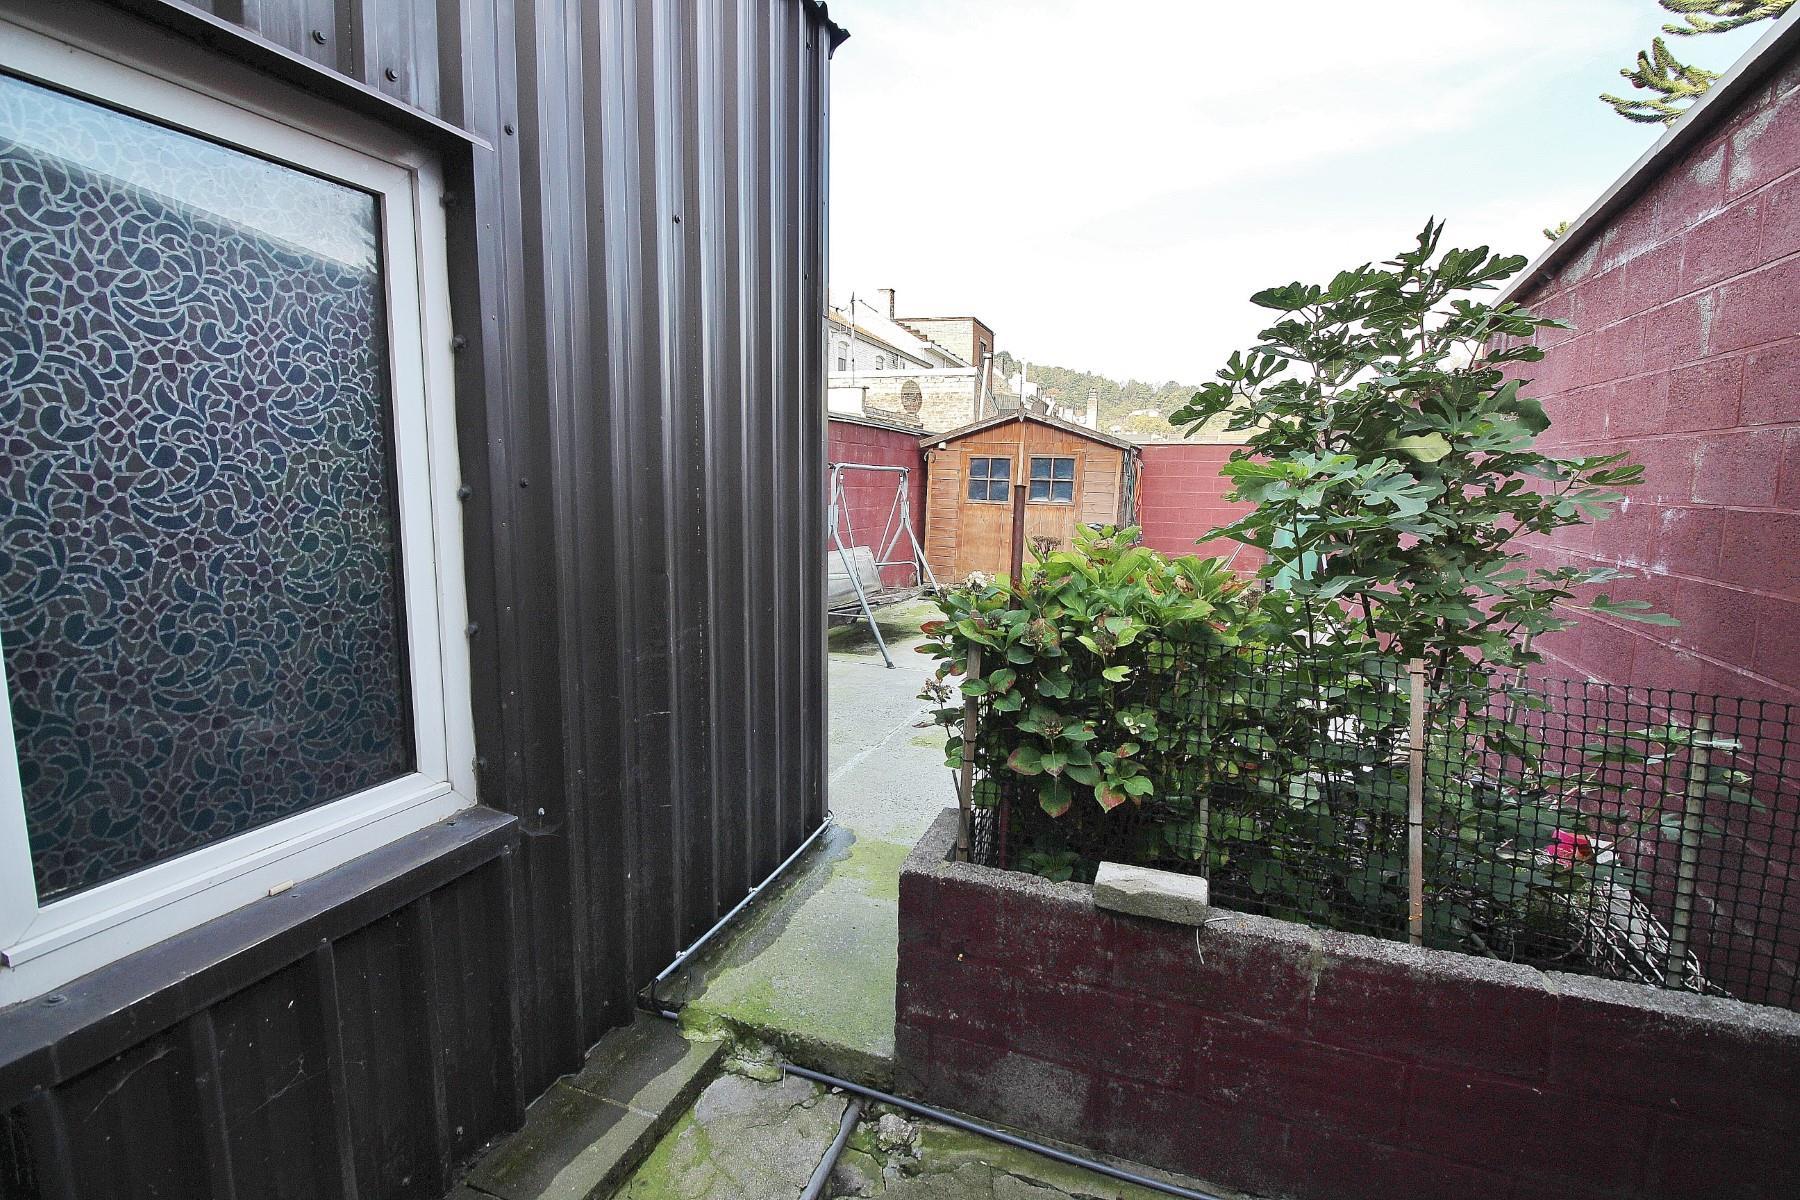 Maison - Seraing Jemeppe-sur-Meuse - #3690786-8